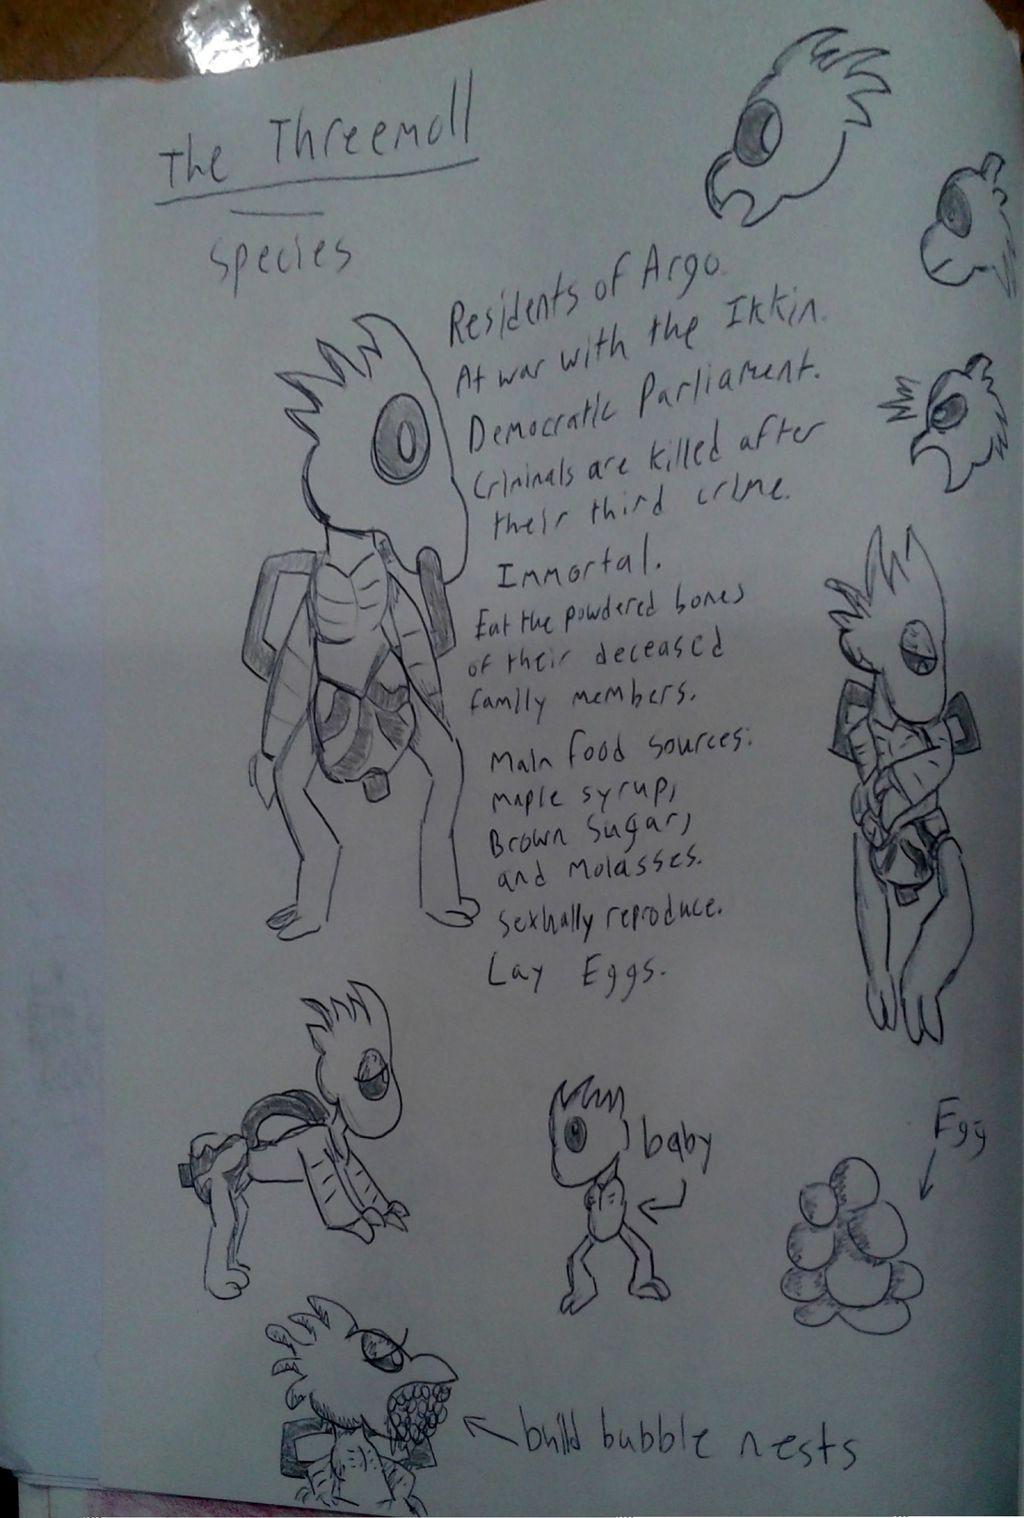 The Threemoll (Alien Species)